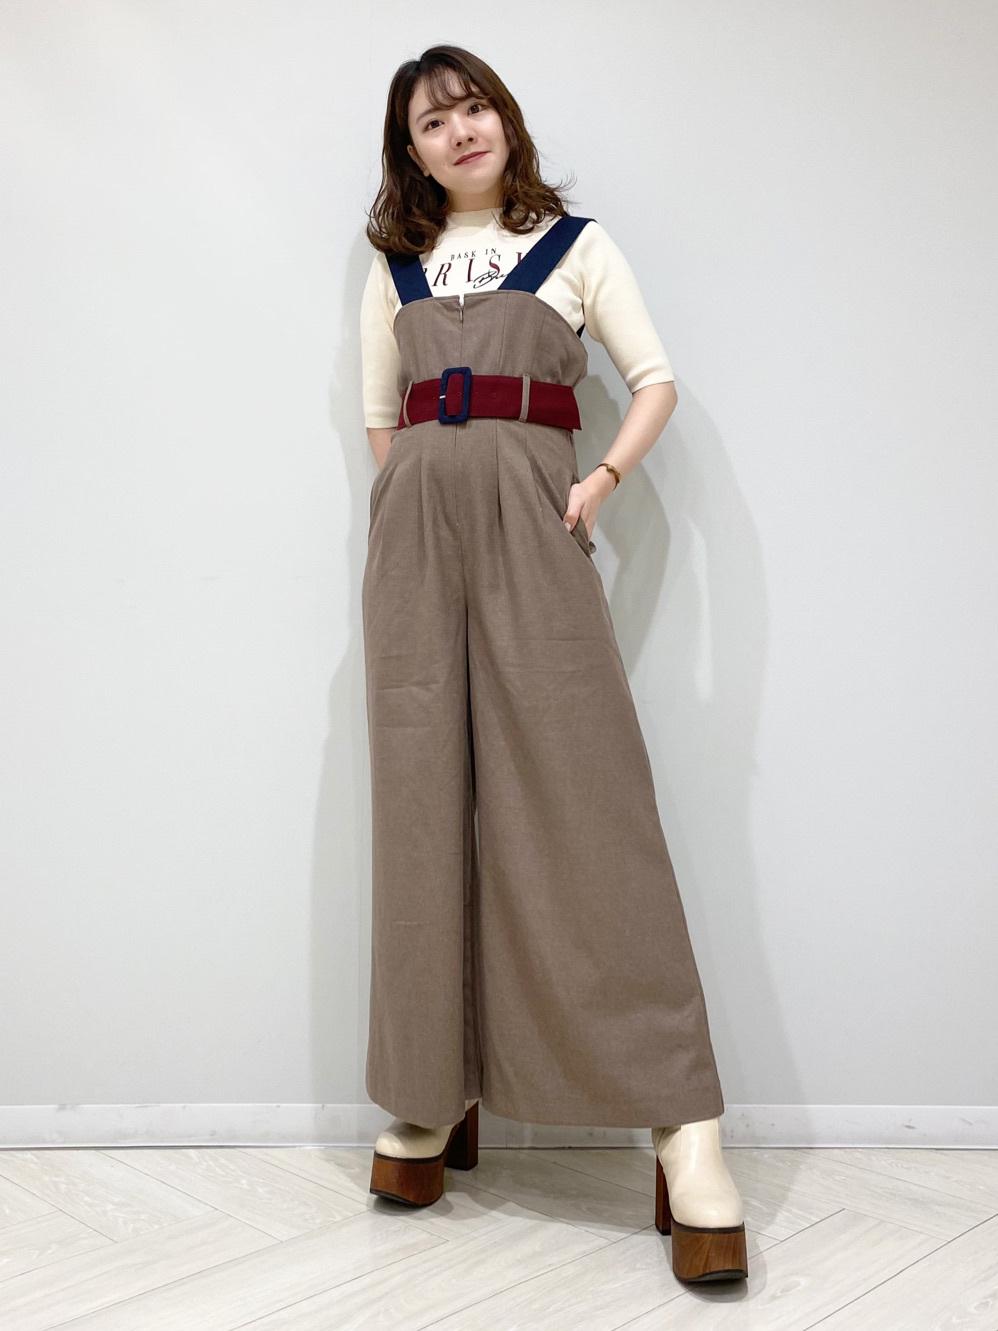 中村 美紀(160cm)